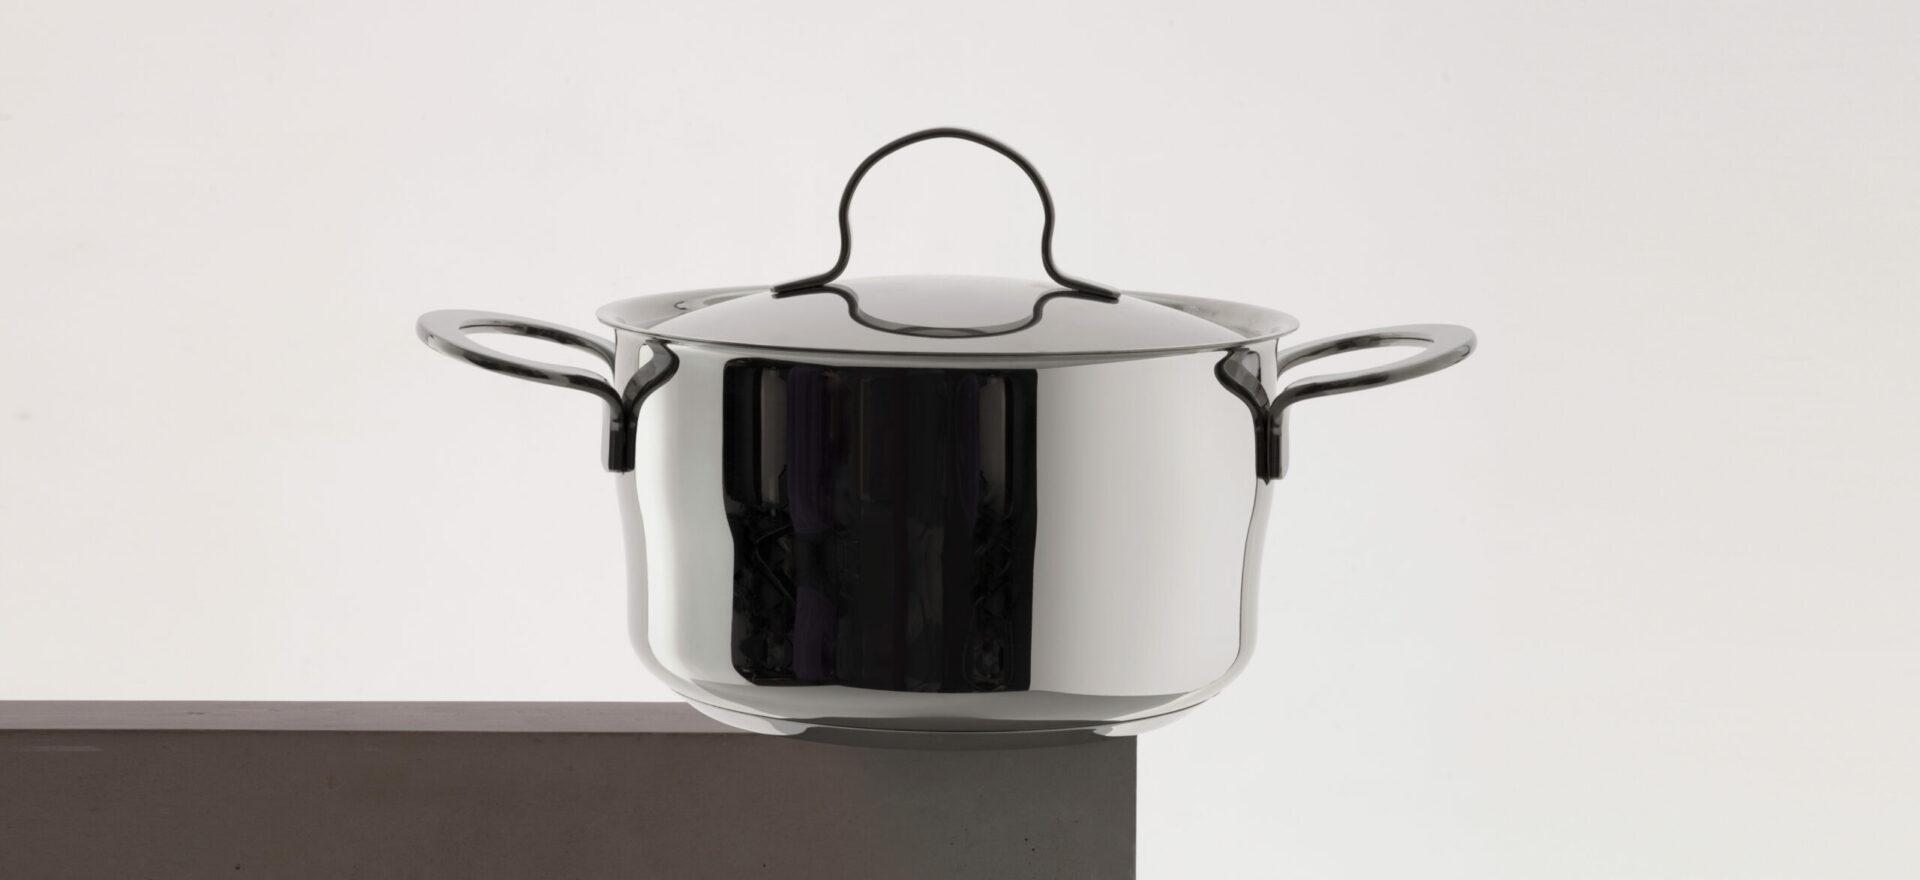 Product Design | Pentola | Coop Italia| Mario Trimarchi Design | Fragile | | Ph Santi Caleca